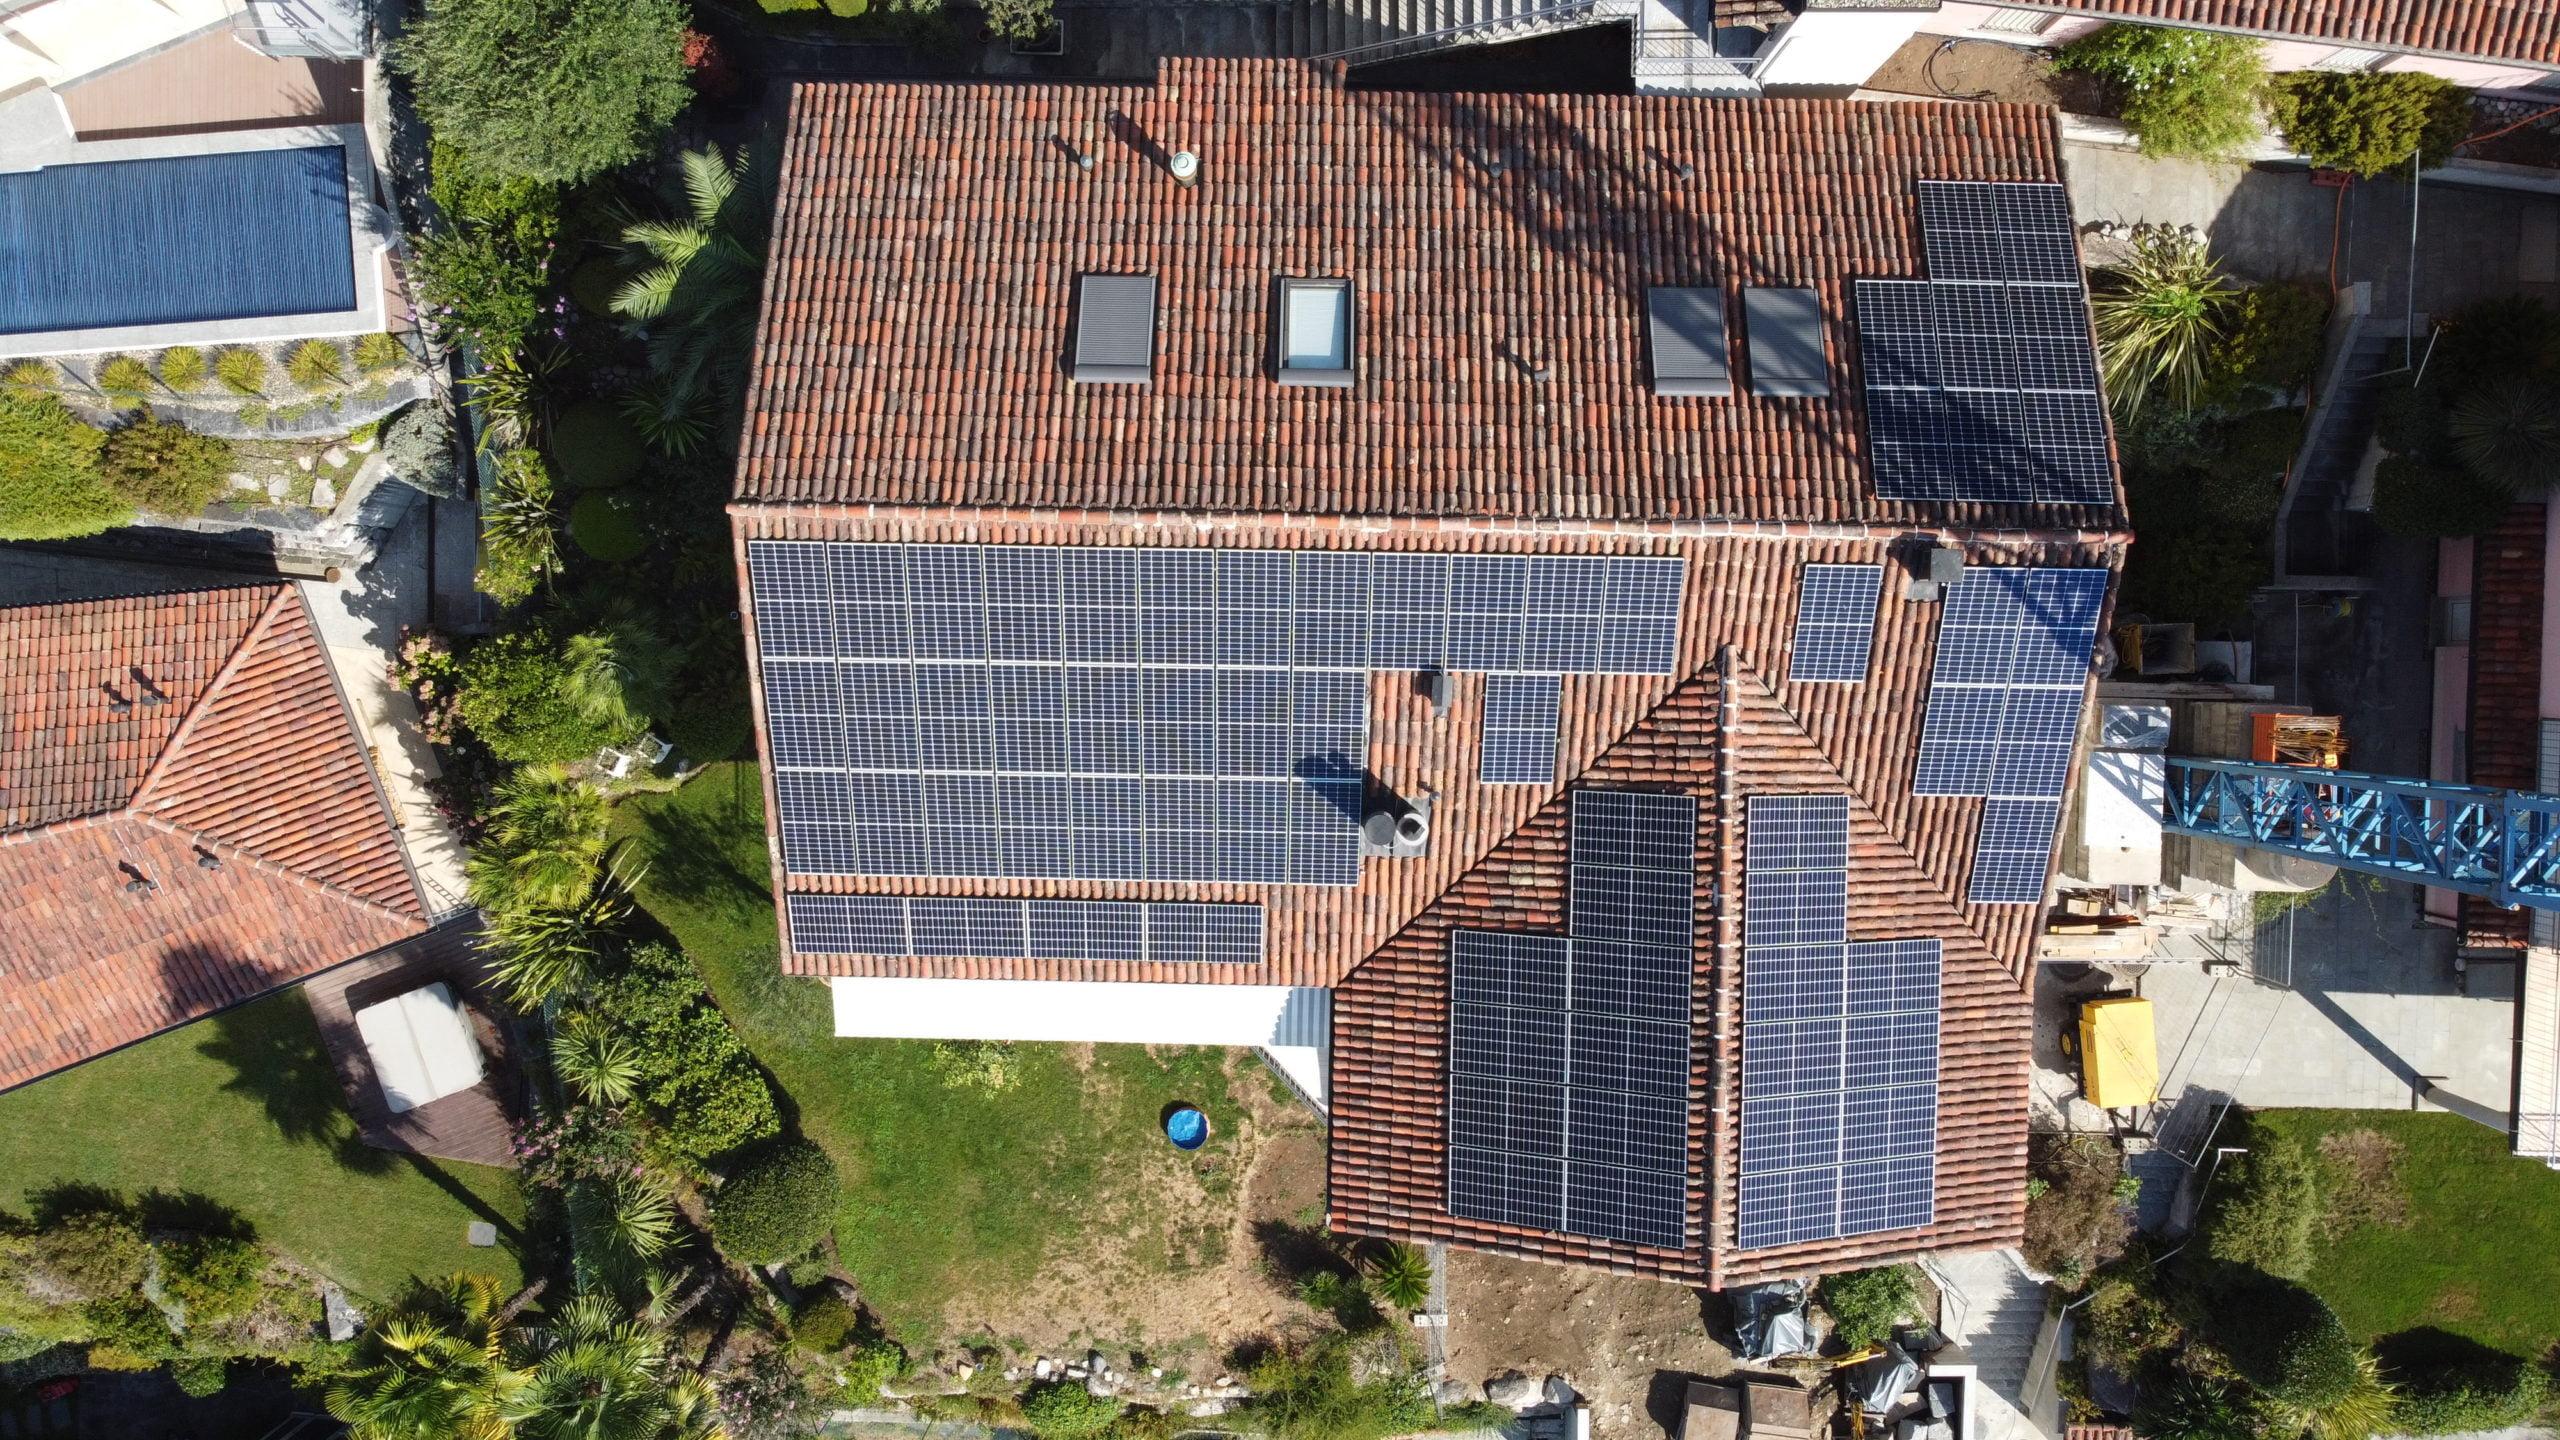 6877 Colderio CHreferenze,installazione impianti fotovoltaici,impianti fotovoltaici svizzera,impianti fotovoltaici ticino